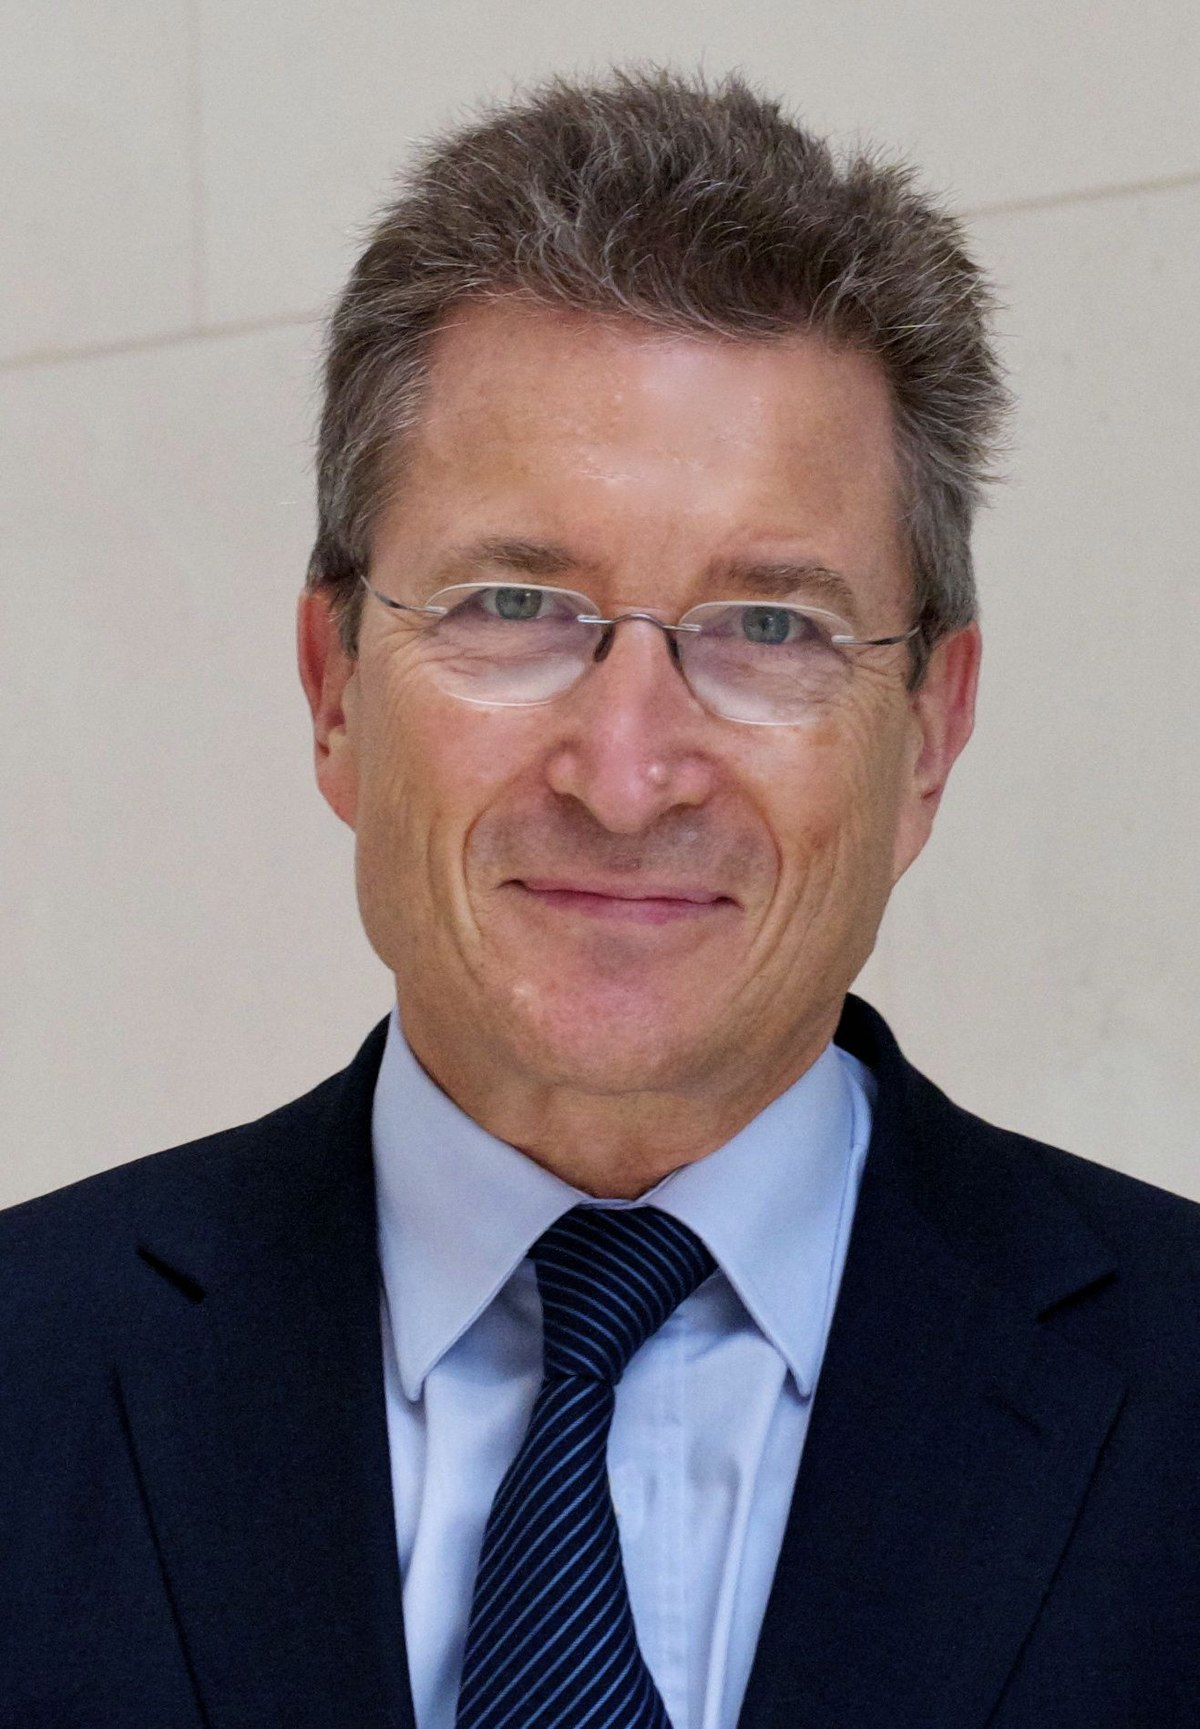 Wolfgang Huber – Wikipedia